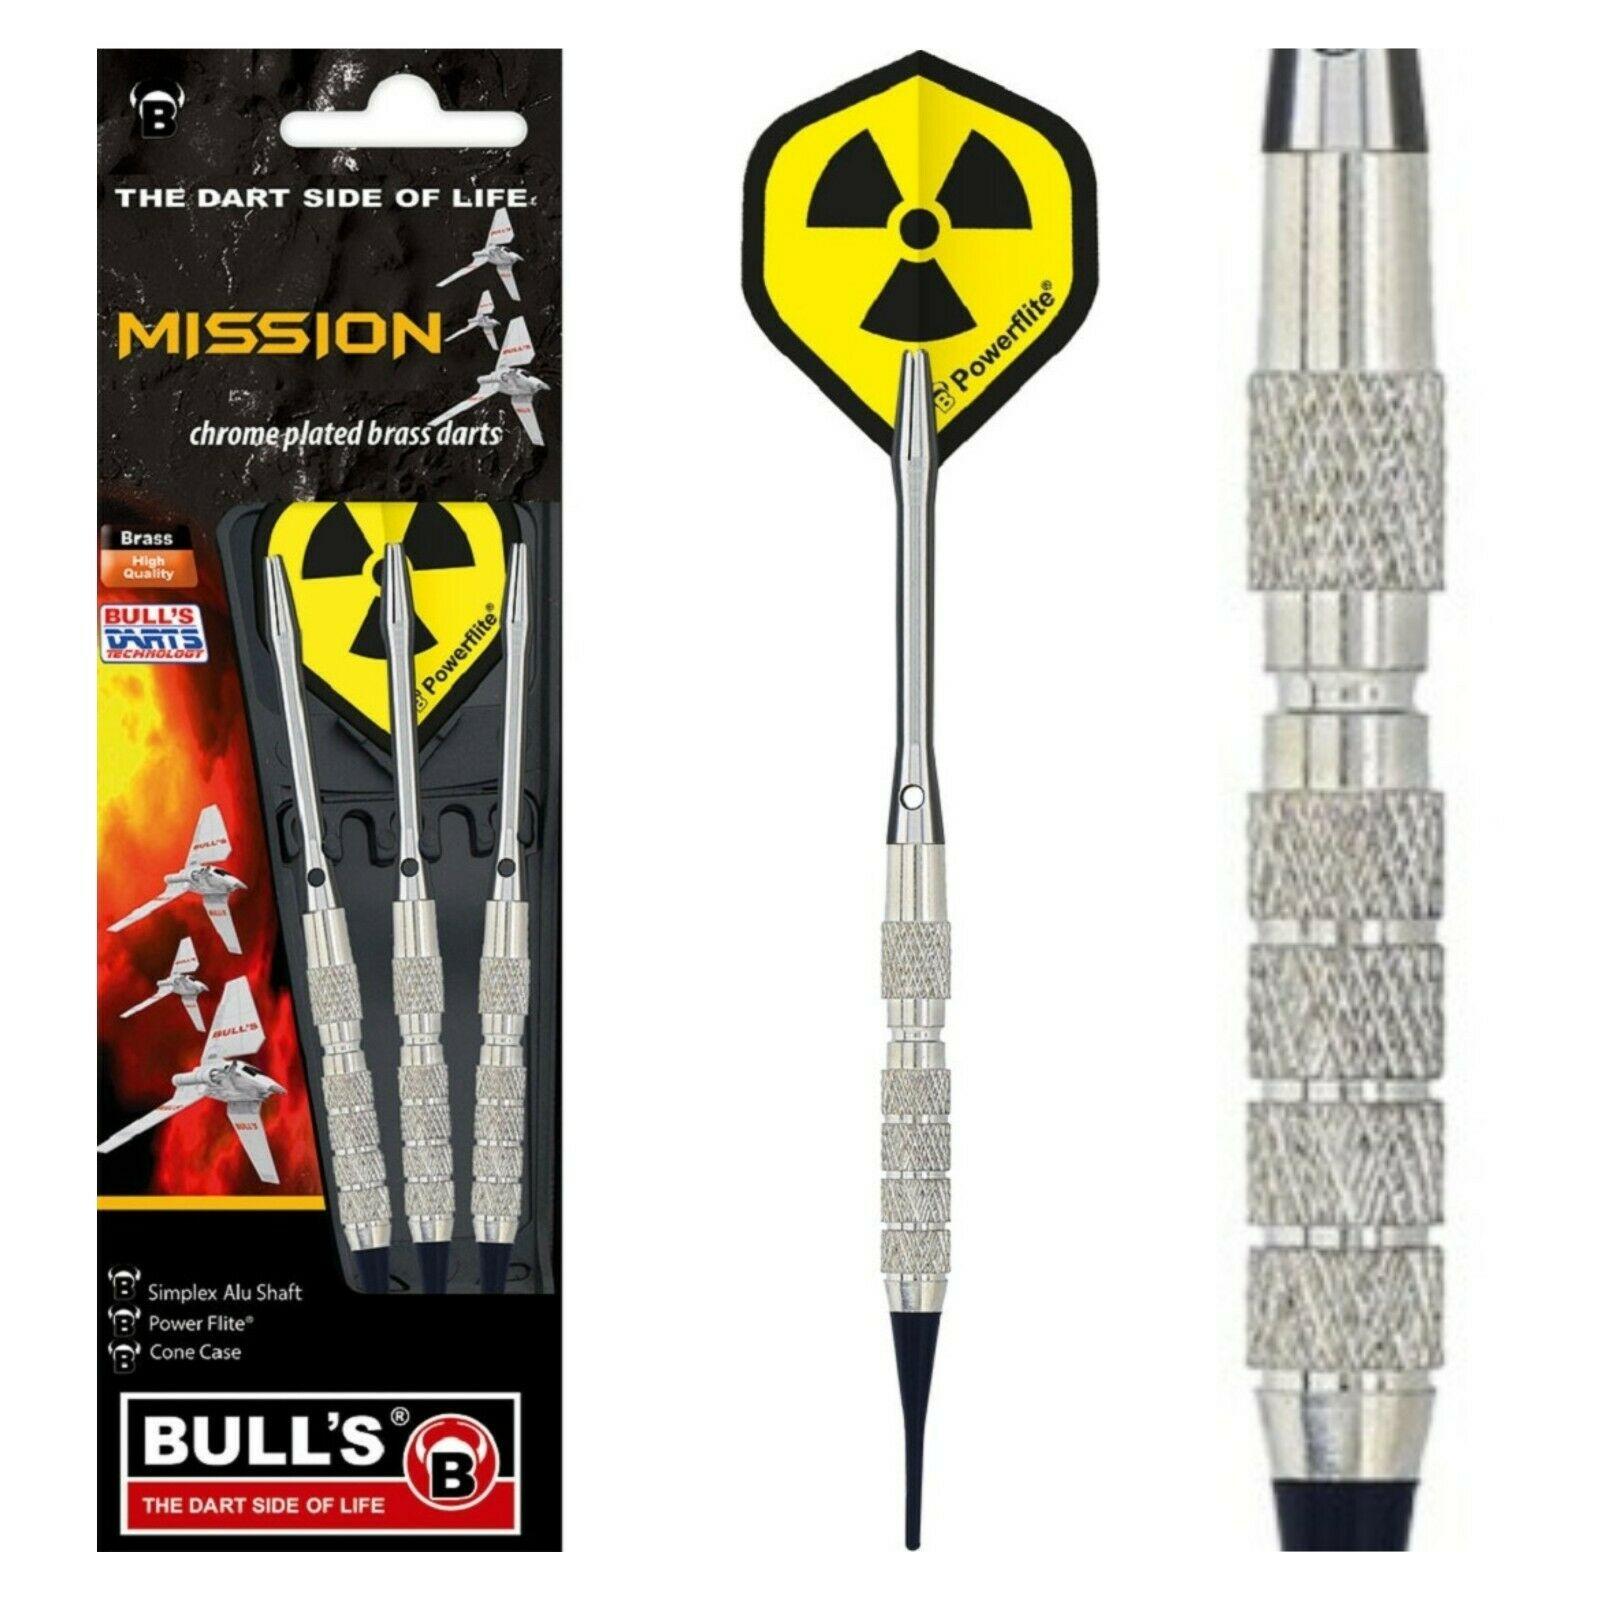 Bulls Softdarts Mission Dart 16g